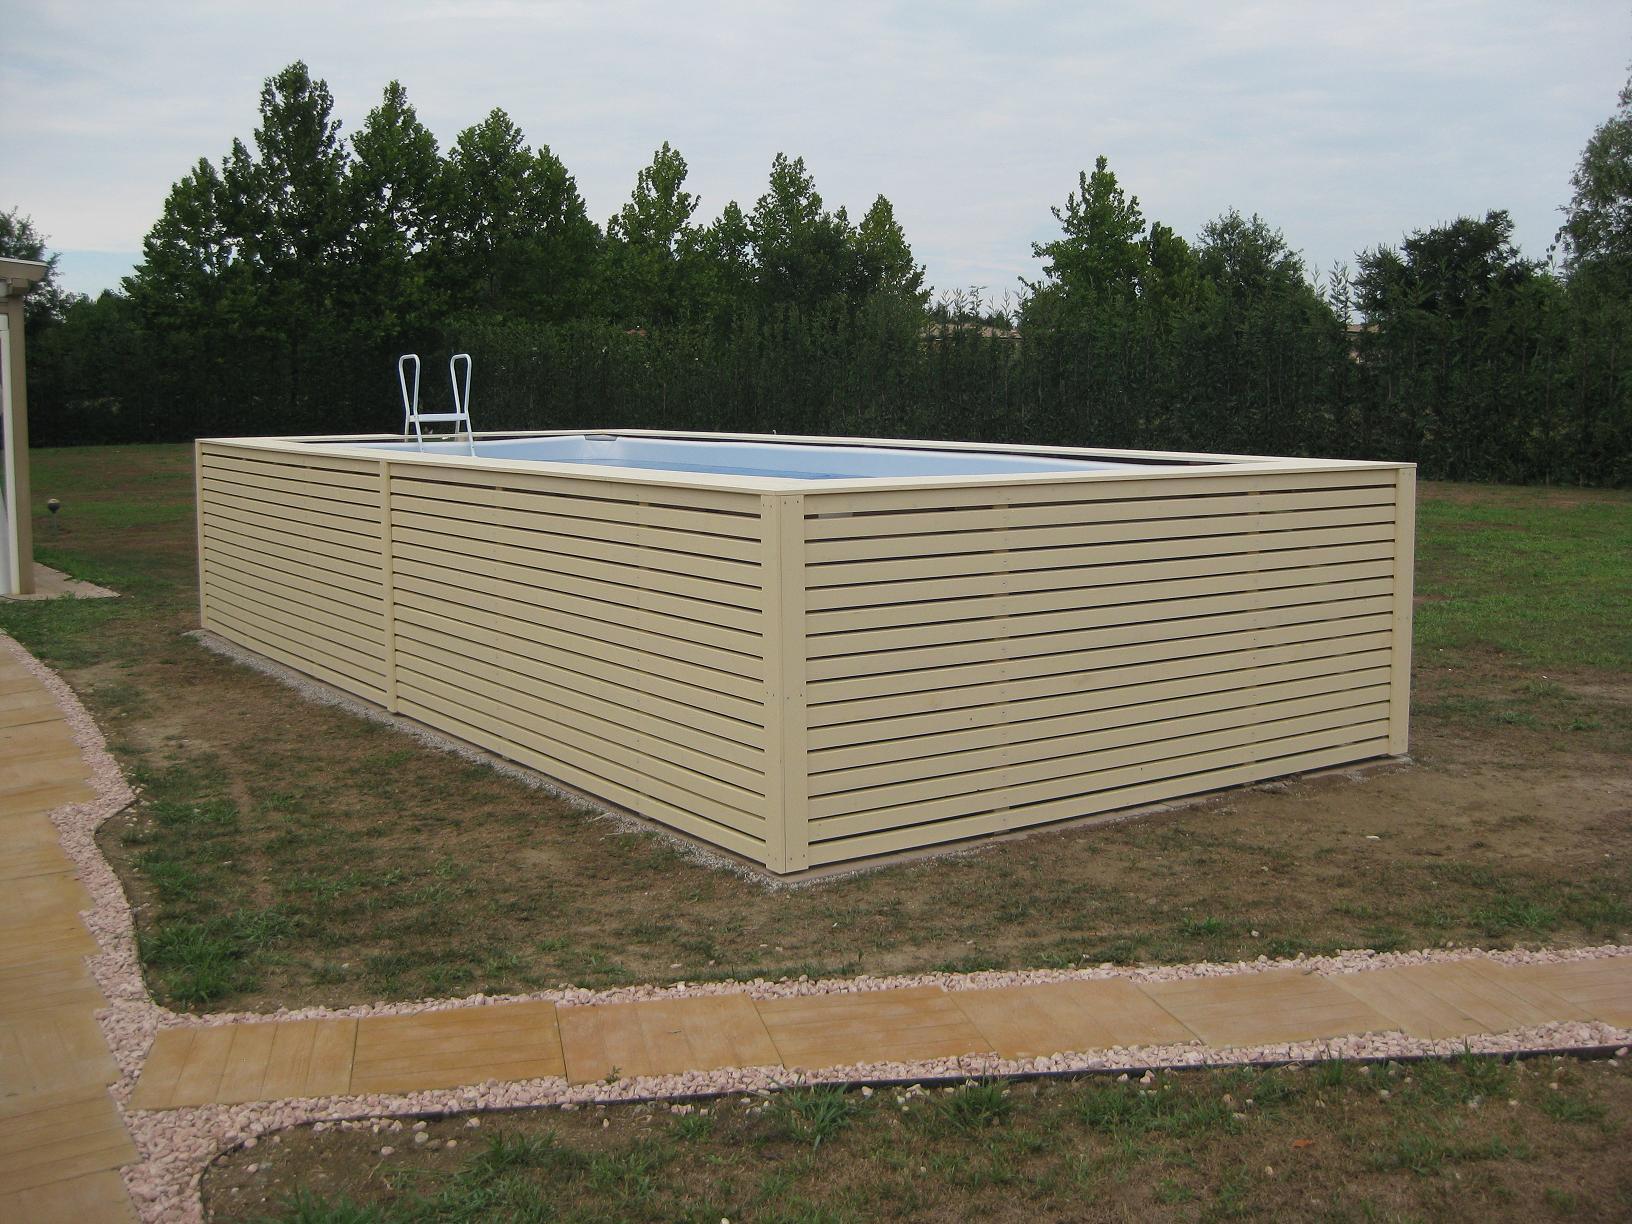 Piscine Da Esterno Rivestite In Legno piscina fuori terra con rivestimento in legno di abete prezzi